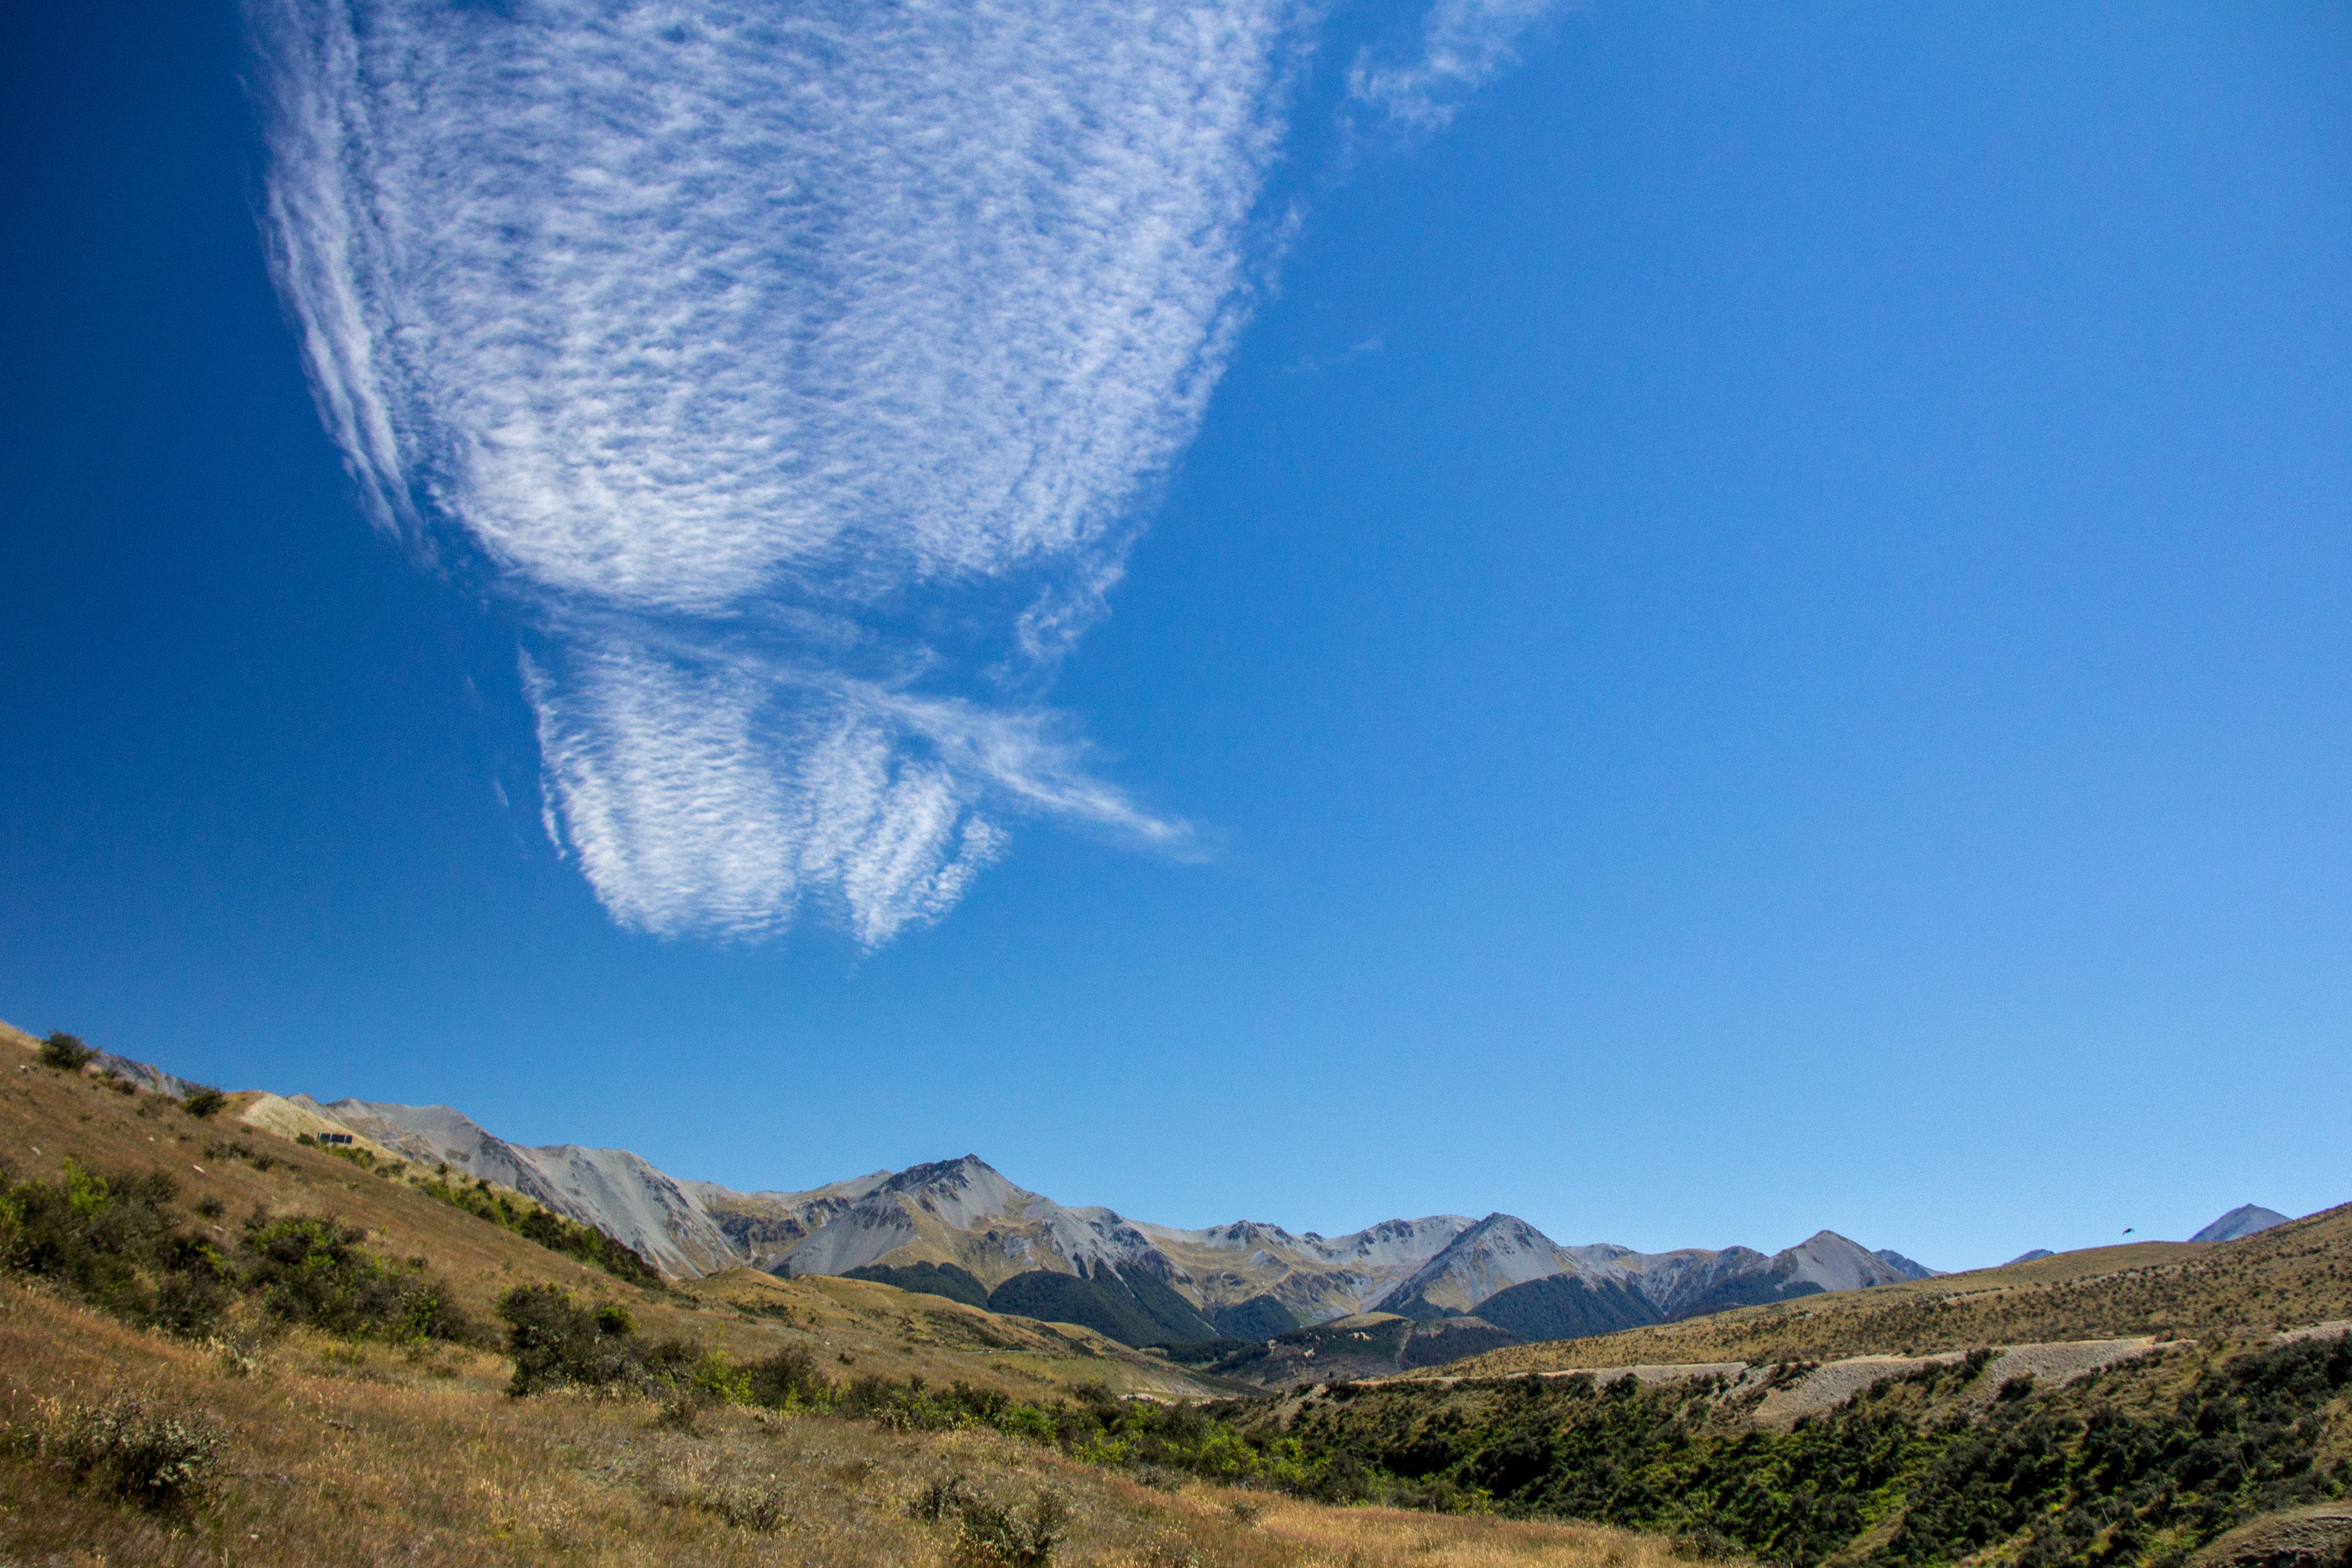 Arthurs clouds best